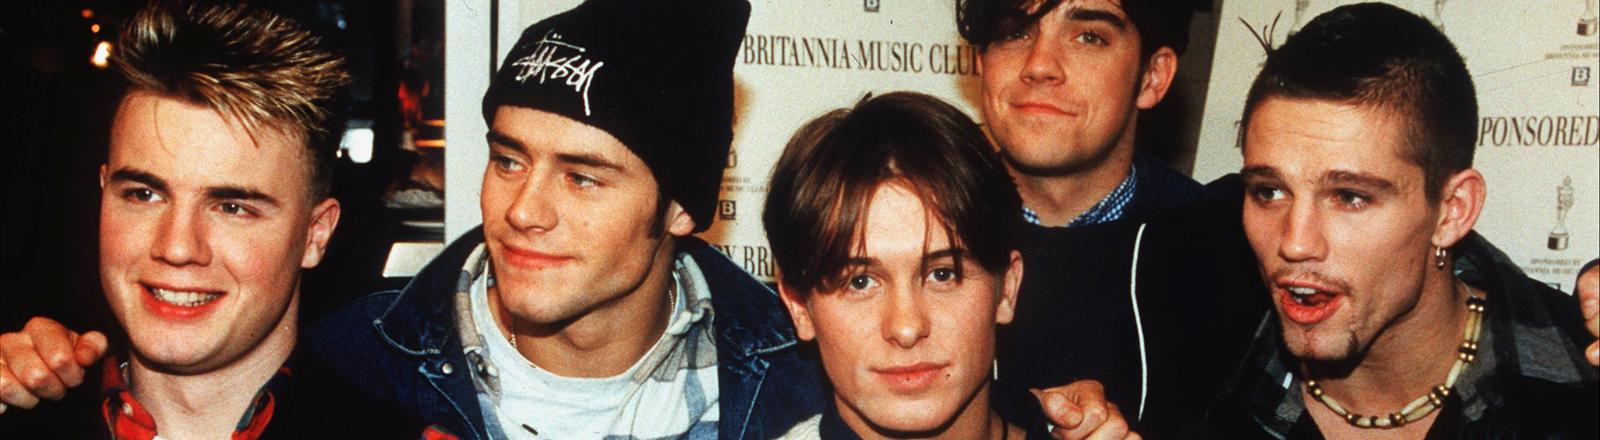 Die Bandmitglieder von Take That stehen nebeneinander, aufgenommen 1993; Bild: dpa